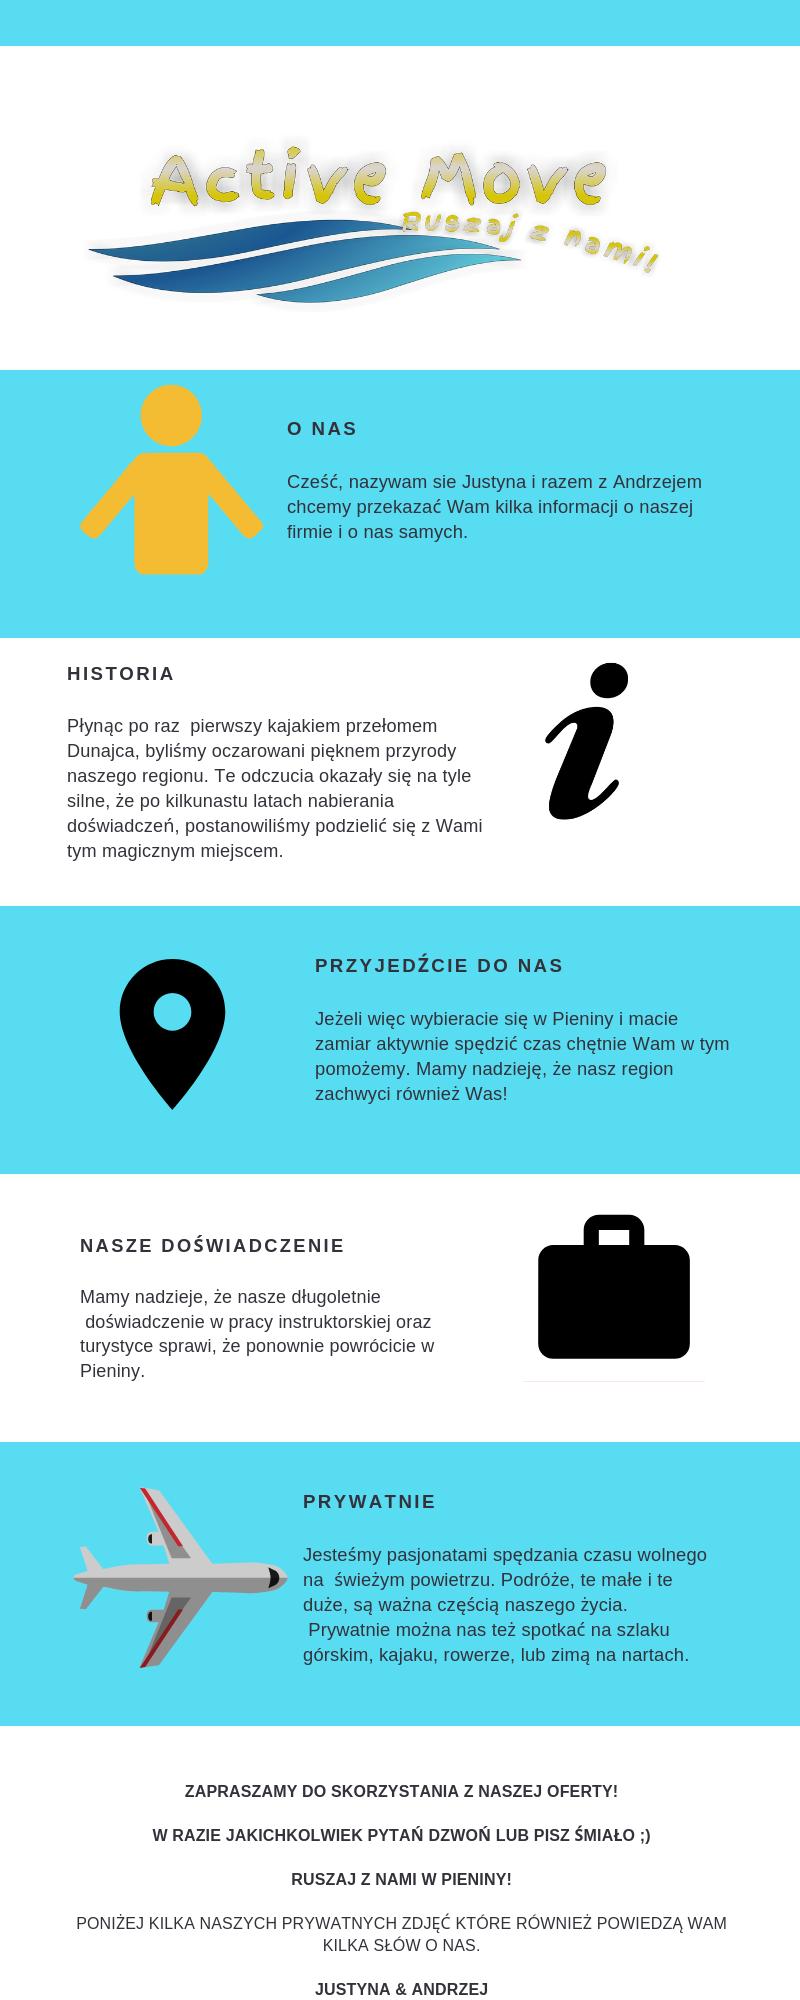 Activemove.pl, Pływy Pontonowe przełomem Dunajca, splywy kajakaowe Przełomem Dunajca, Przełom Dunajca, Wypożyczalnia Kajaków Atrakcje w Pieninach, Atrakcje Pienin, Kajaki na Dunajcu